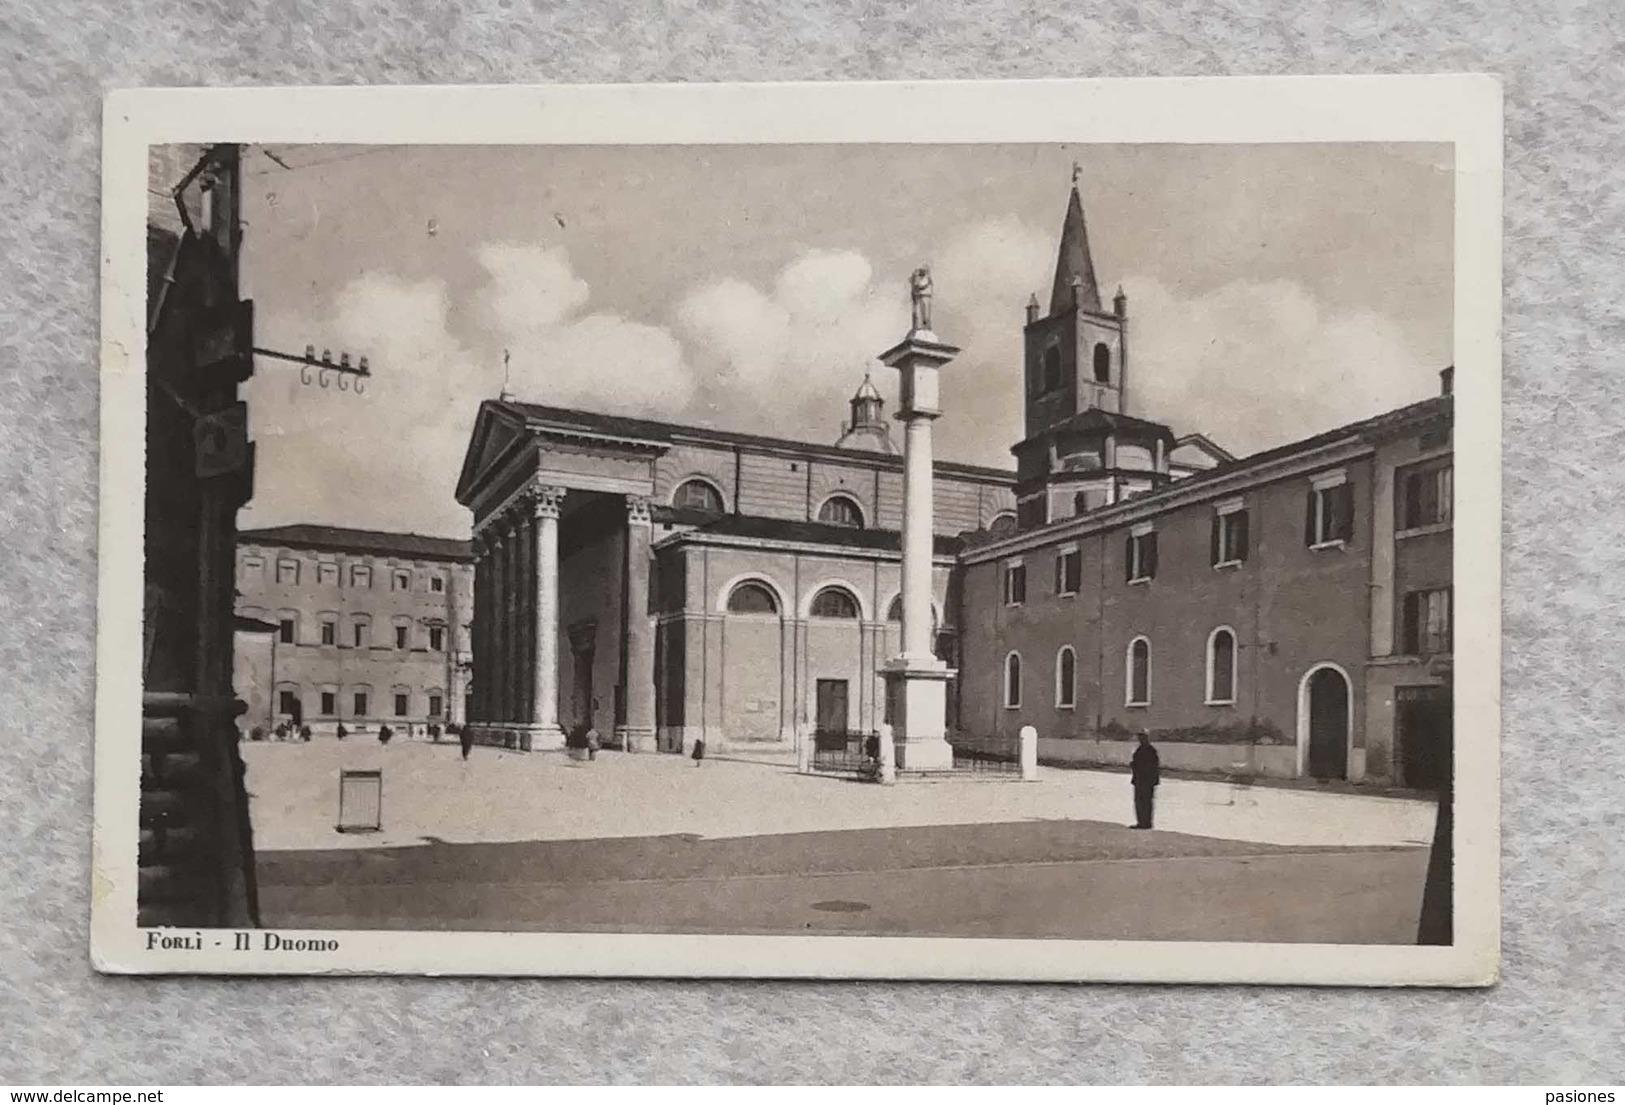 Cartolina Illustrata Forlì - Il Duomo, Per Giarre 1935 - Forlì